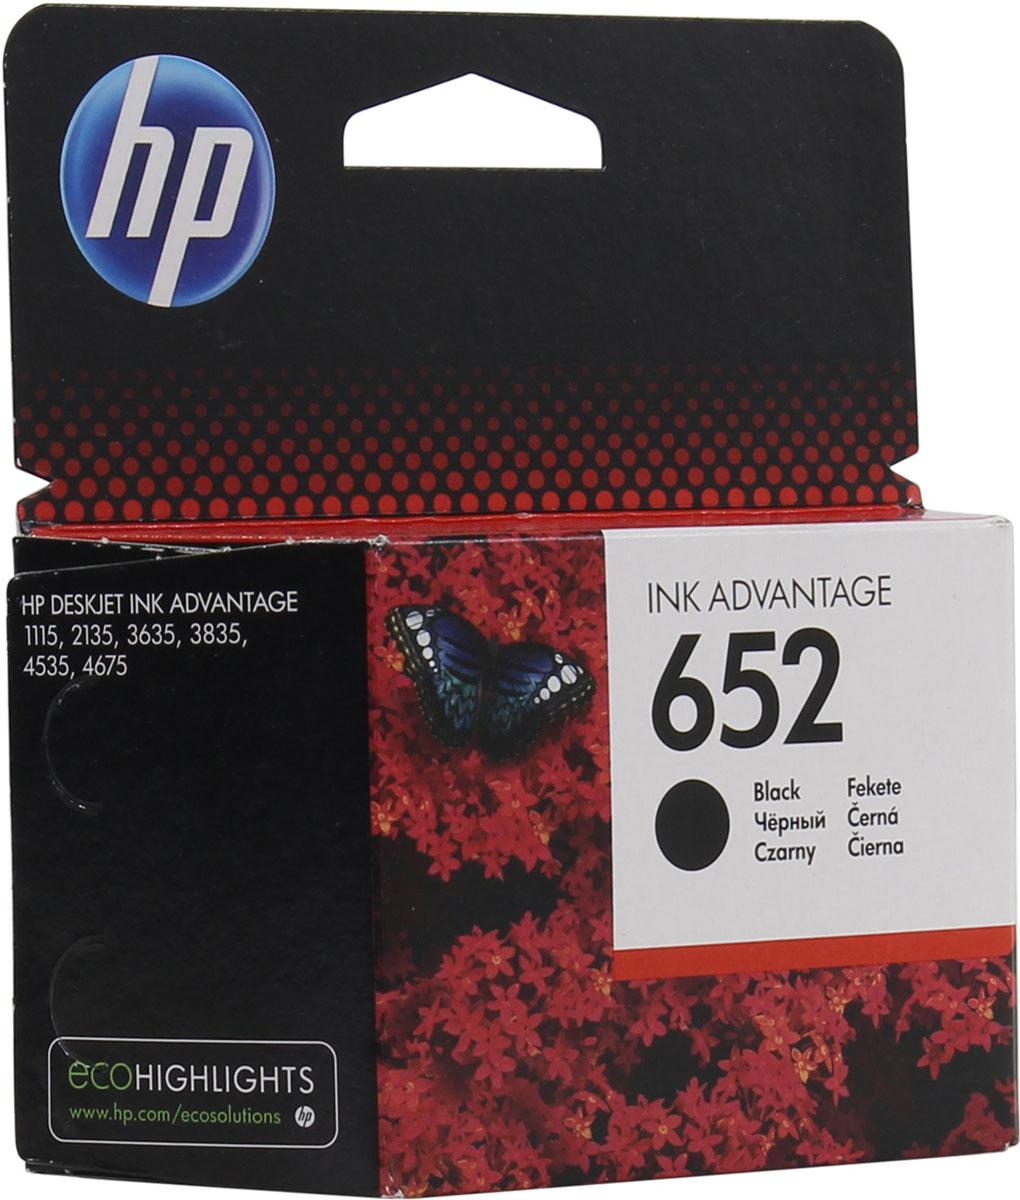 HP F6V25AE BHK, Black картридж для Deskjet Ink Advantage 1115/2135/3635/3775F6V25AEВыполняйте высококачественную печать документов с помощью недорогих струйных оригинальных картриджей HP. Оцените надежность и качество результатов благодаря наличию специальных средств защиты (которые гарантируют, что вы приобрели оригинальный картридж) и системы оповещения о низком уровне чернил.Выполняйте печать фотографий и документов профессионального качества с помощью недорогих оригинальных струйных картриджей HP. Они разработаны специально для принтеров HP и благодаря этому обеспечивают стабильно высокие результаты.Оцените непревзойденное качество печати для дома, учебы или работы с помощью картриджей, специально разработанных и протестированных для использования с принтерами HP.Экономьте силы, время и деньги, используя оригинальные расходные материалы HP. Создавайте документы профессионального качества на работе, дома и в пути.